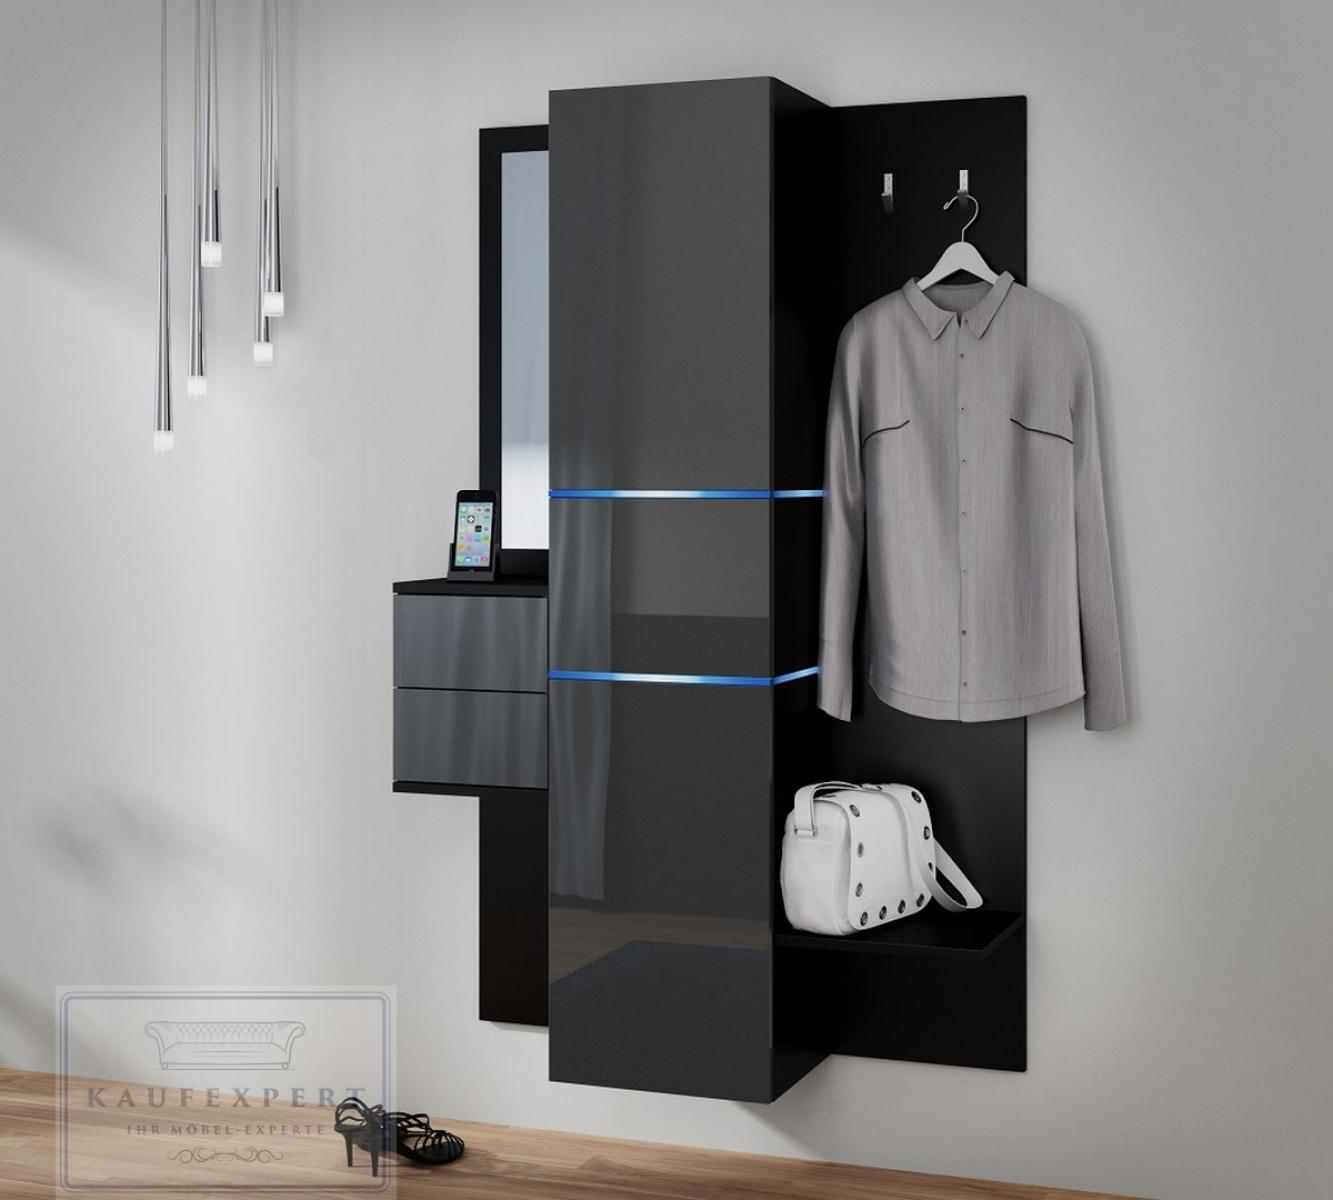 kaufexpert garderobe camino grau hochglanz schwarz mit. Black Bedroom Furniture Sets. Home Design Ideas